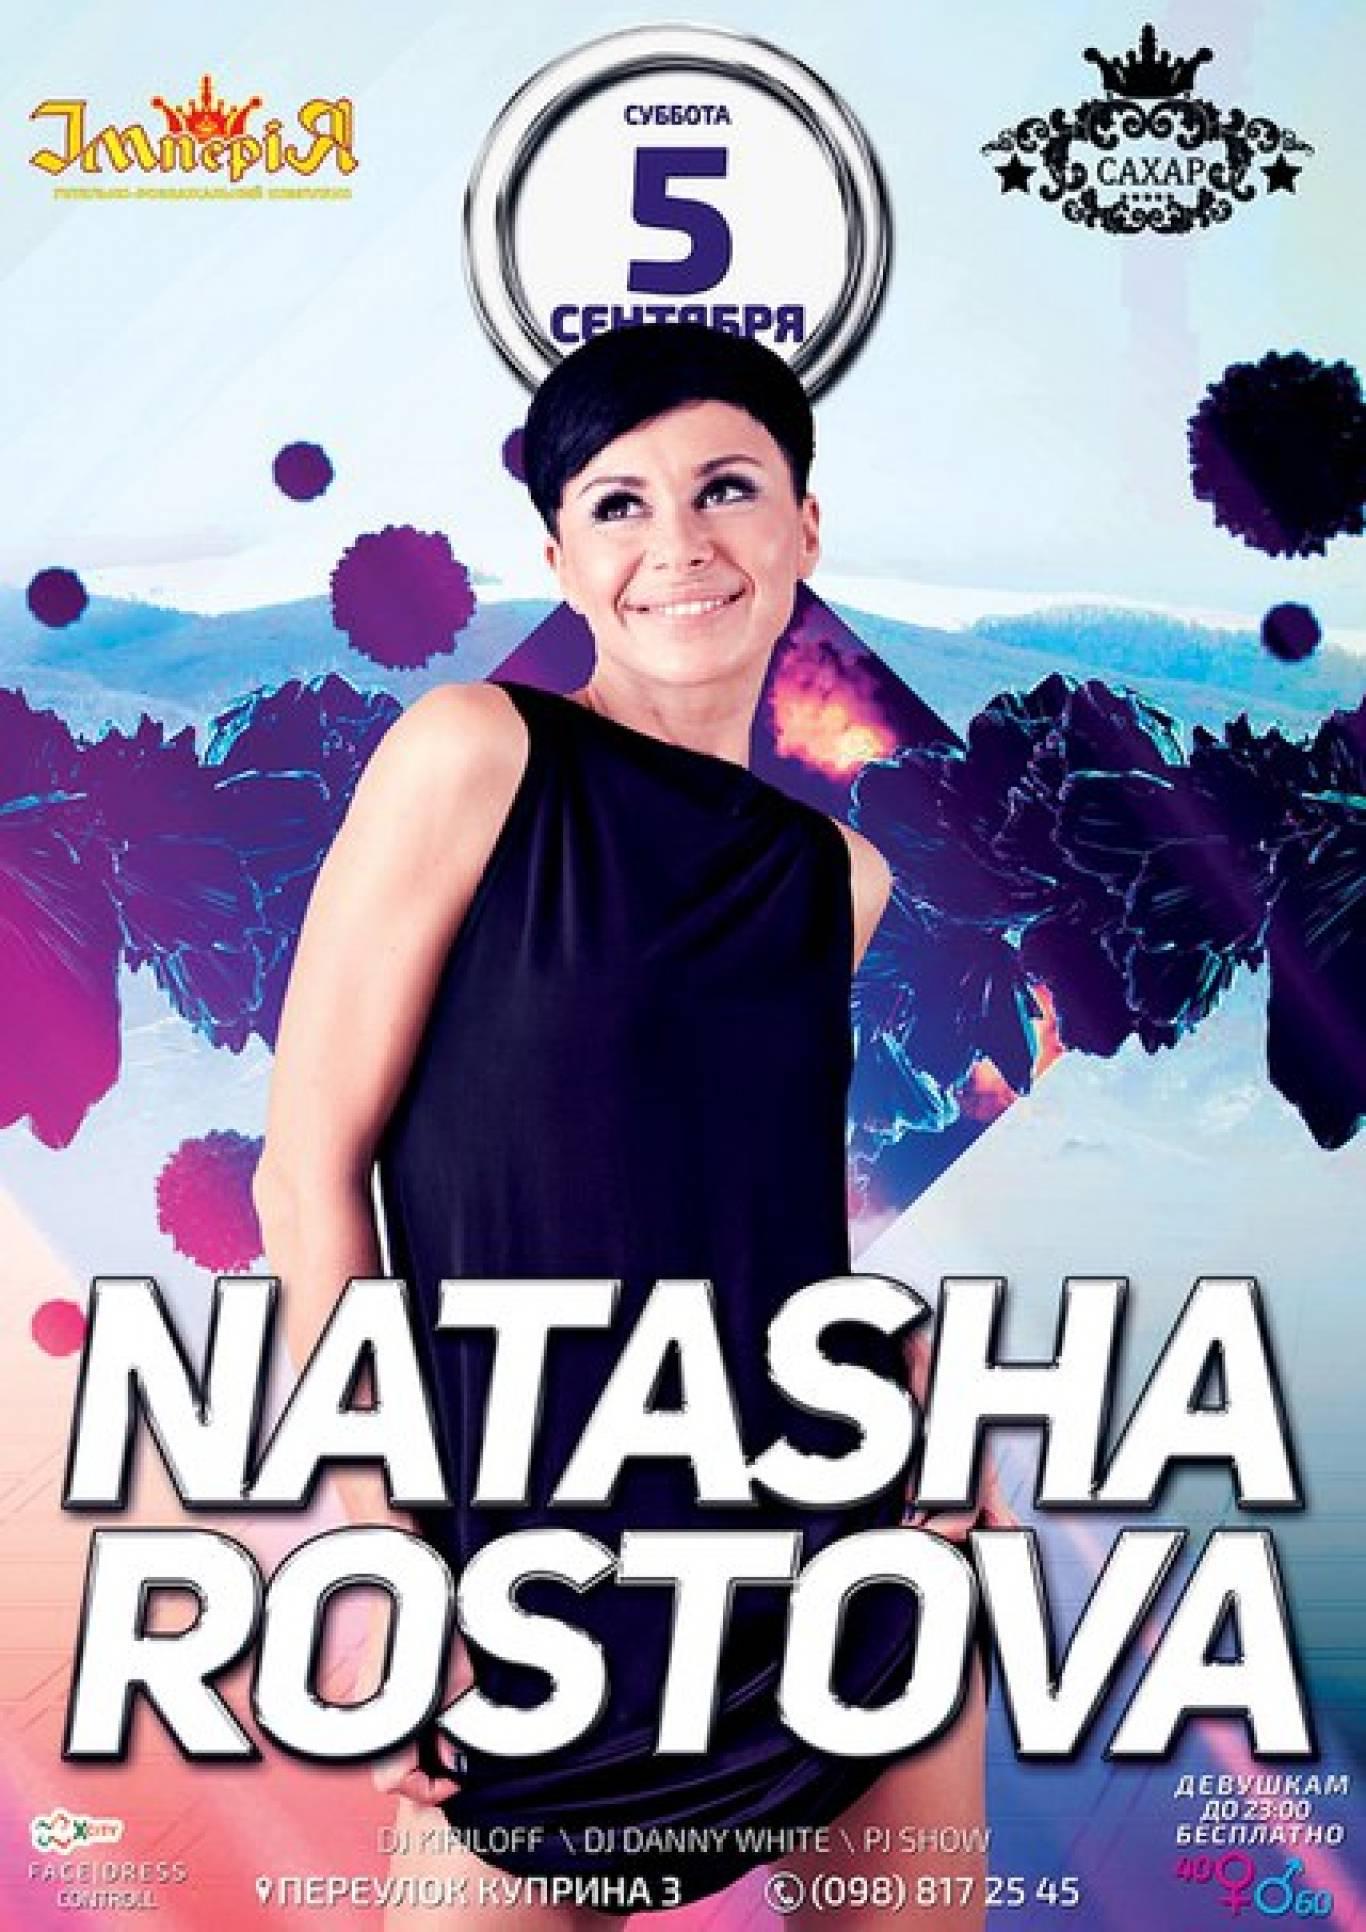 Виступатиме Natasha Rostova